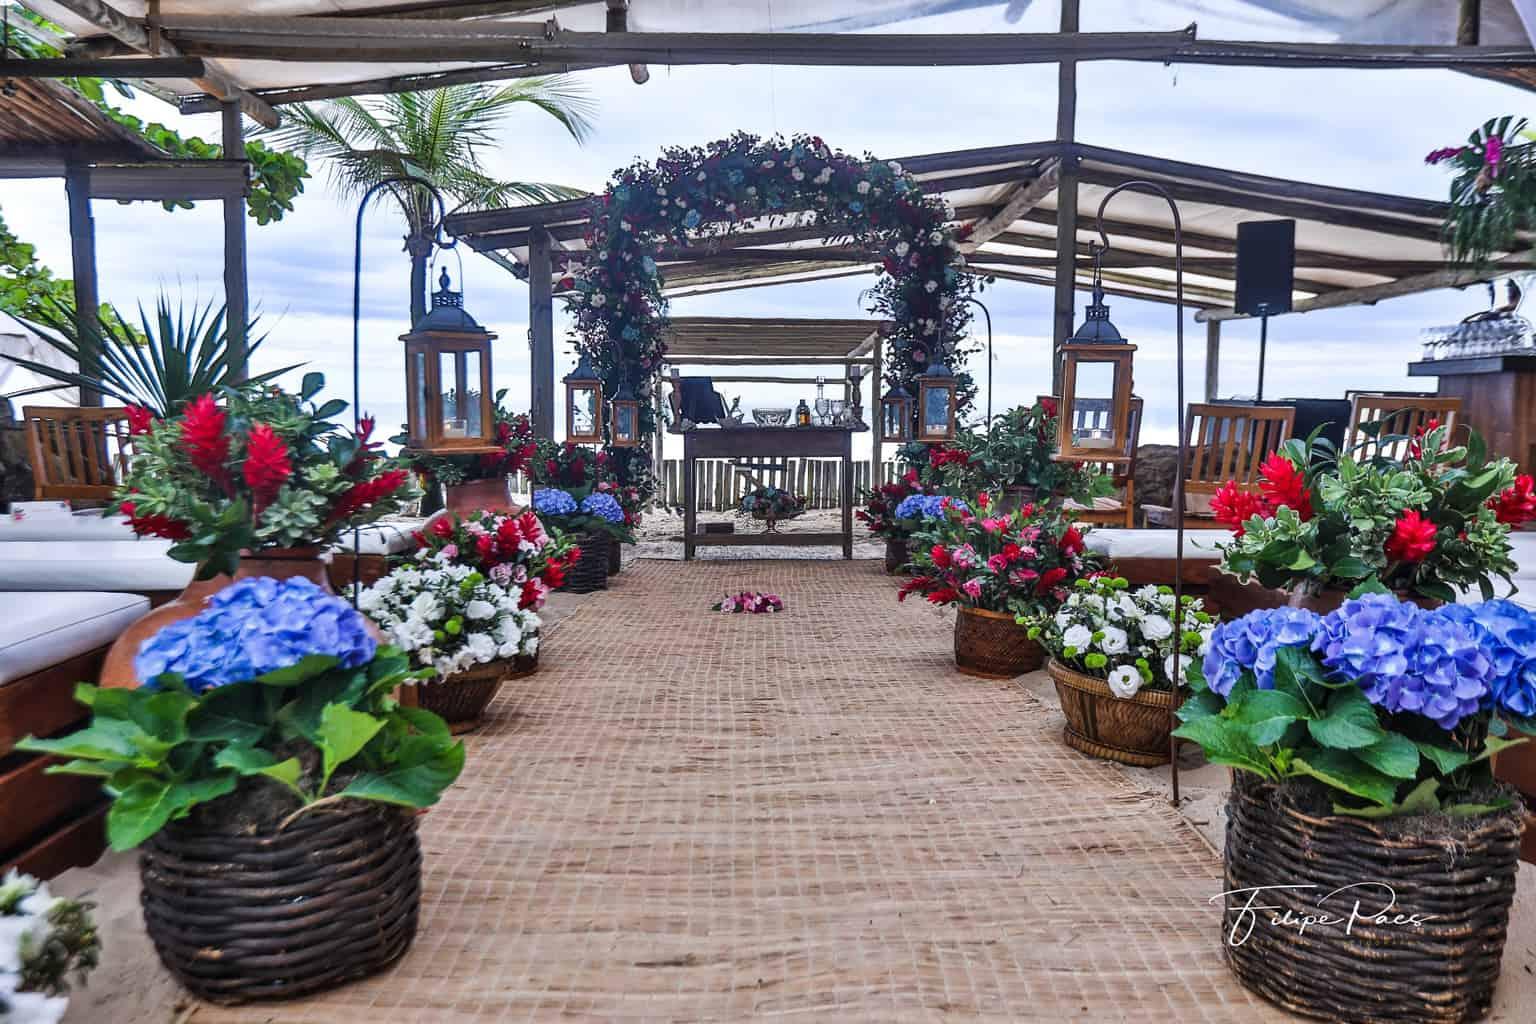 casamento-ao-ar-livre-casamento-de-dia-casamento-Maira-e-Erick-casamento-na-praia-cerimônia-decoração-Fotografia-Filipe-Paes-Studio-47-Luaia-Cabanas-Maresias-São-Paulo-8-1